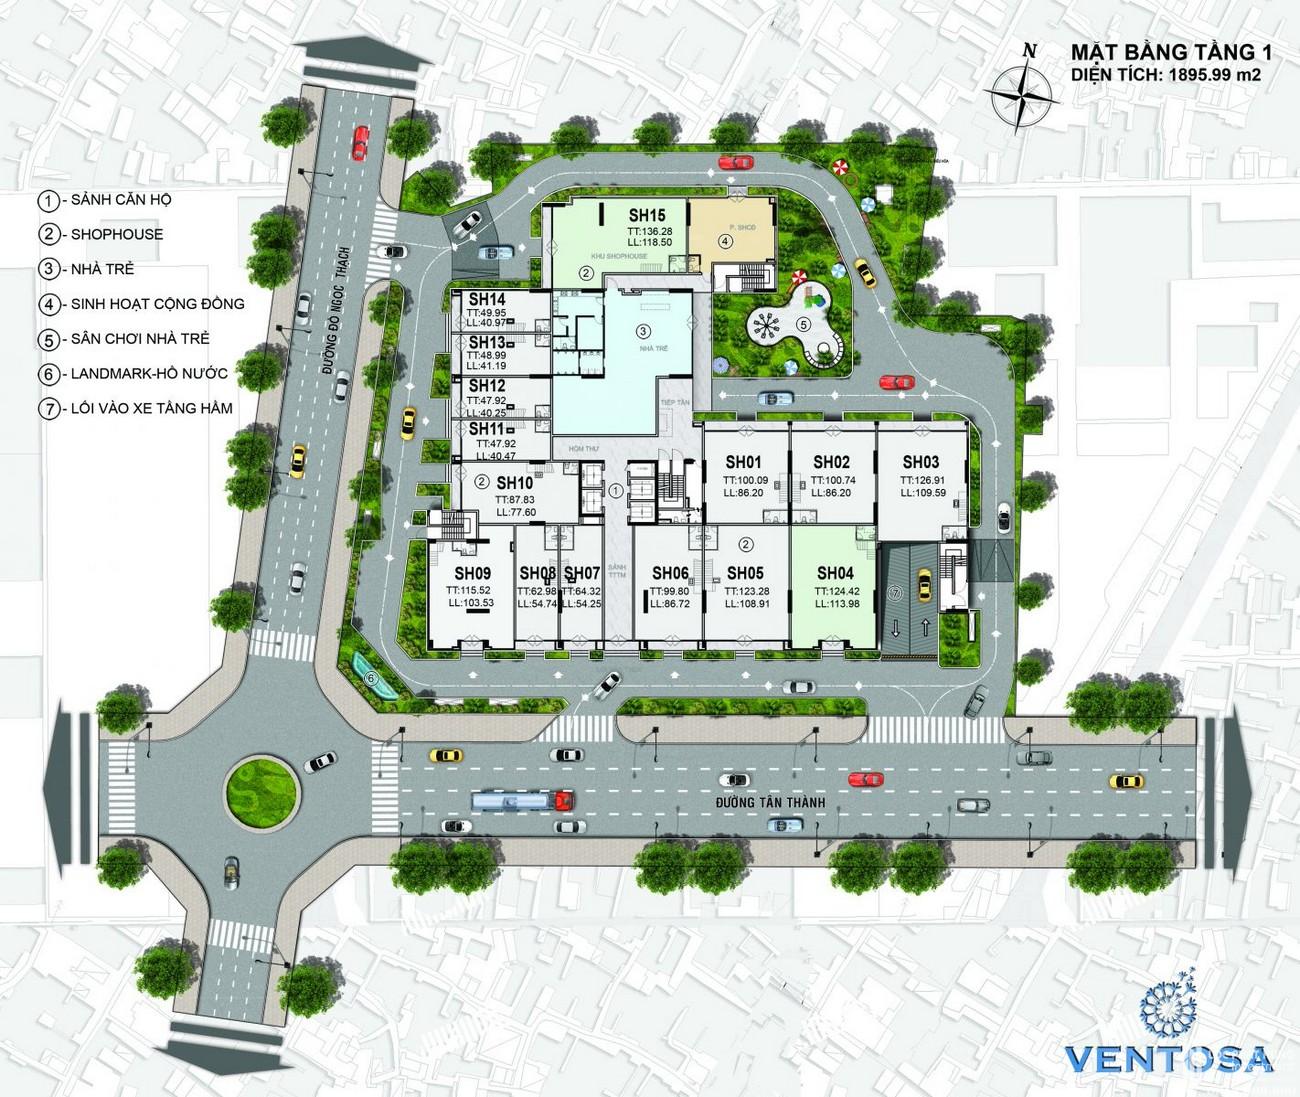 Mặt bằng dự án căn hộ chung cư Venus Luxury Quận 5 Số 66 Đường Tân Thành chủ đầu tư Tân Thành